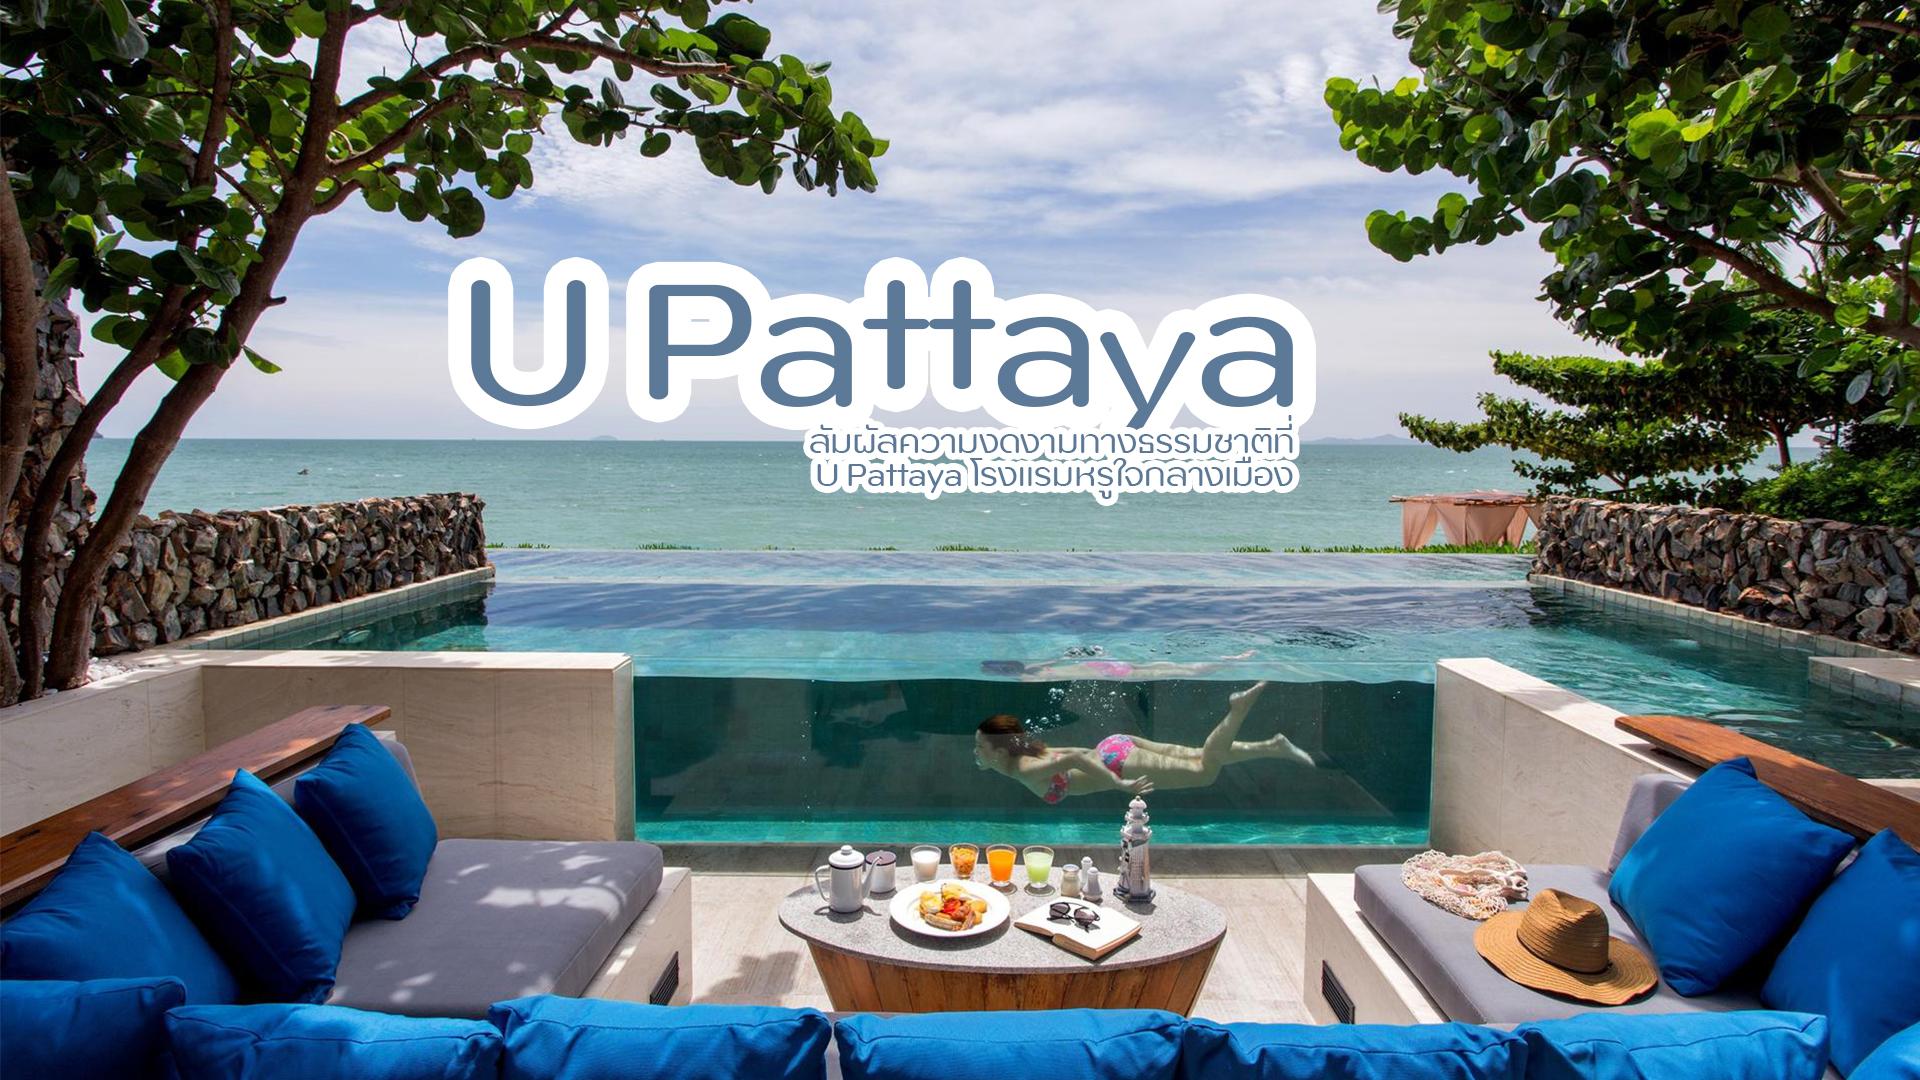 สัมผัสความงดงามทางธรรมชาติที่-U-Pattaya-โรงแรมหรูใจกลางเมือง